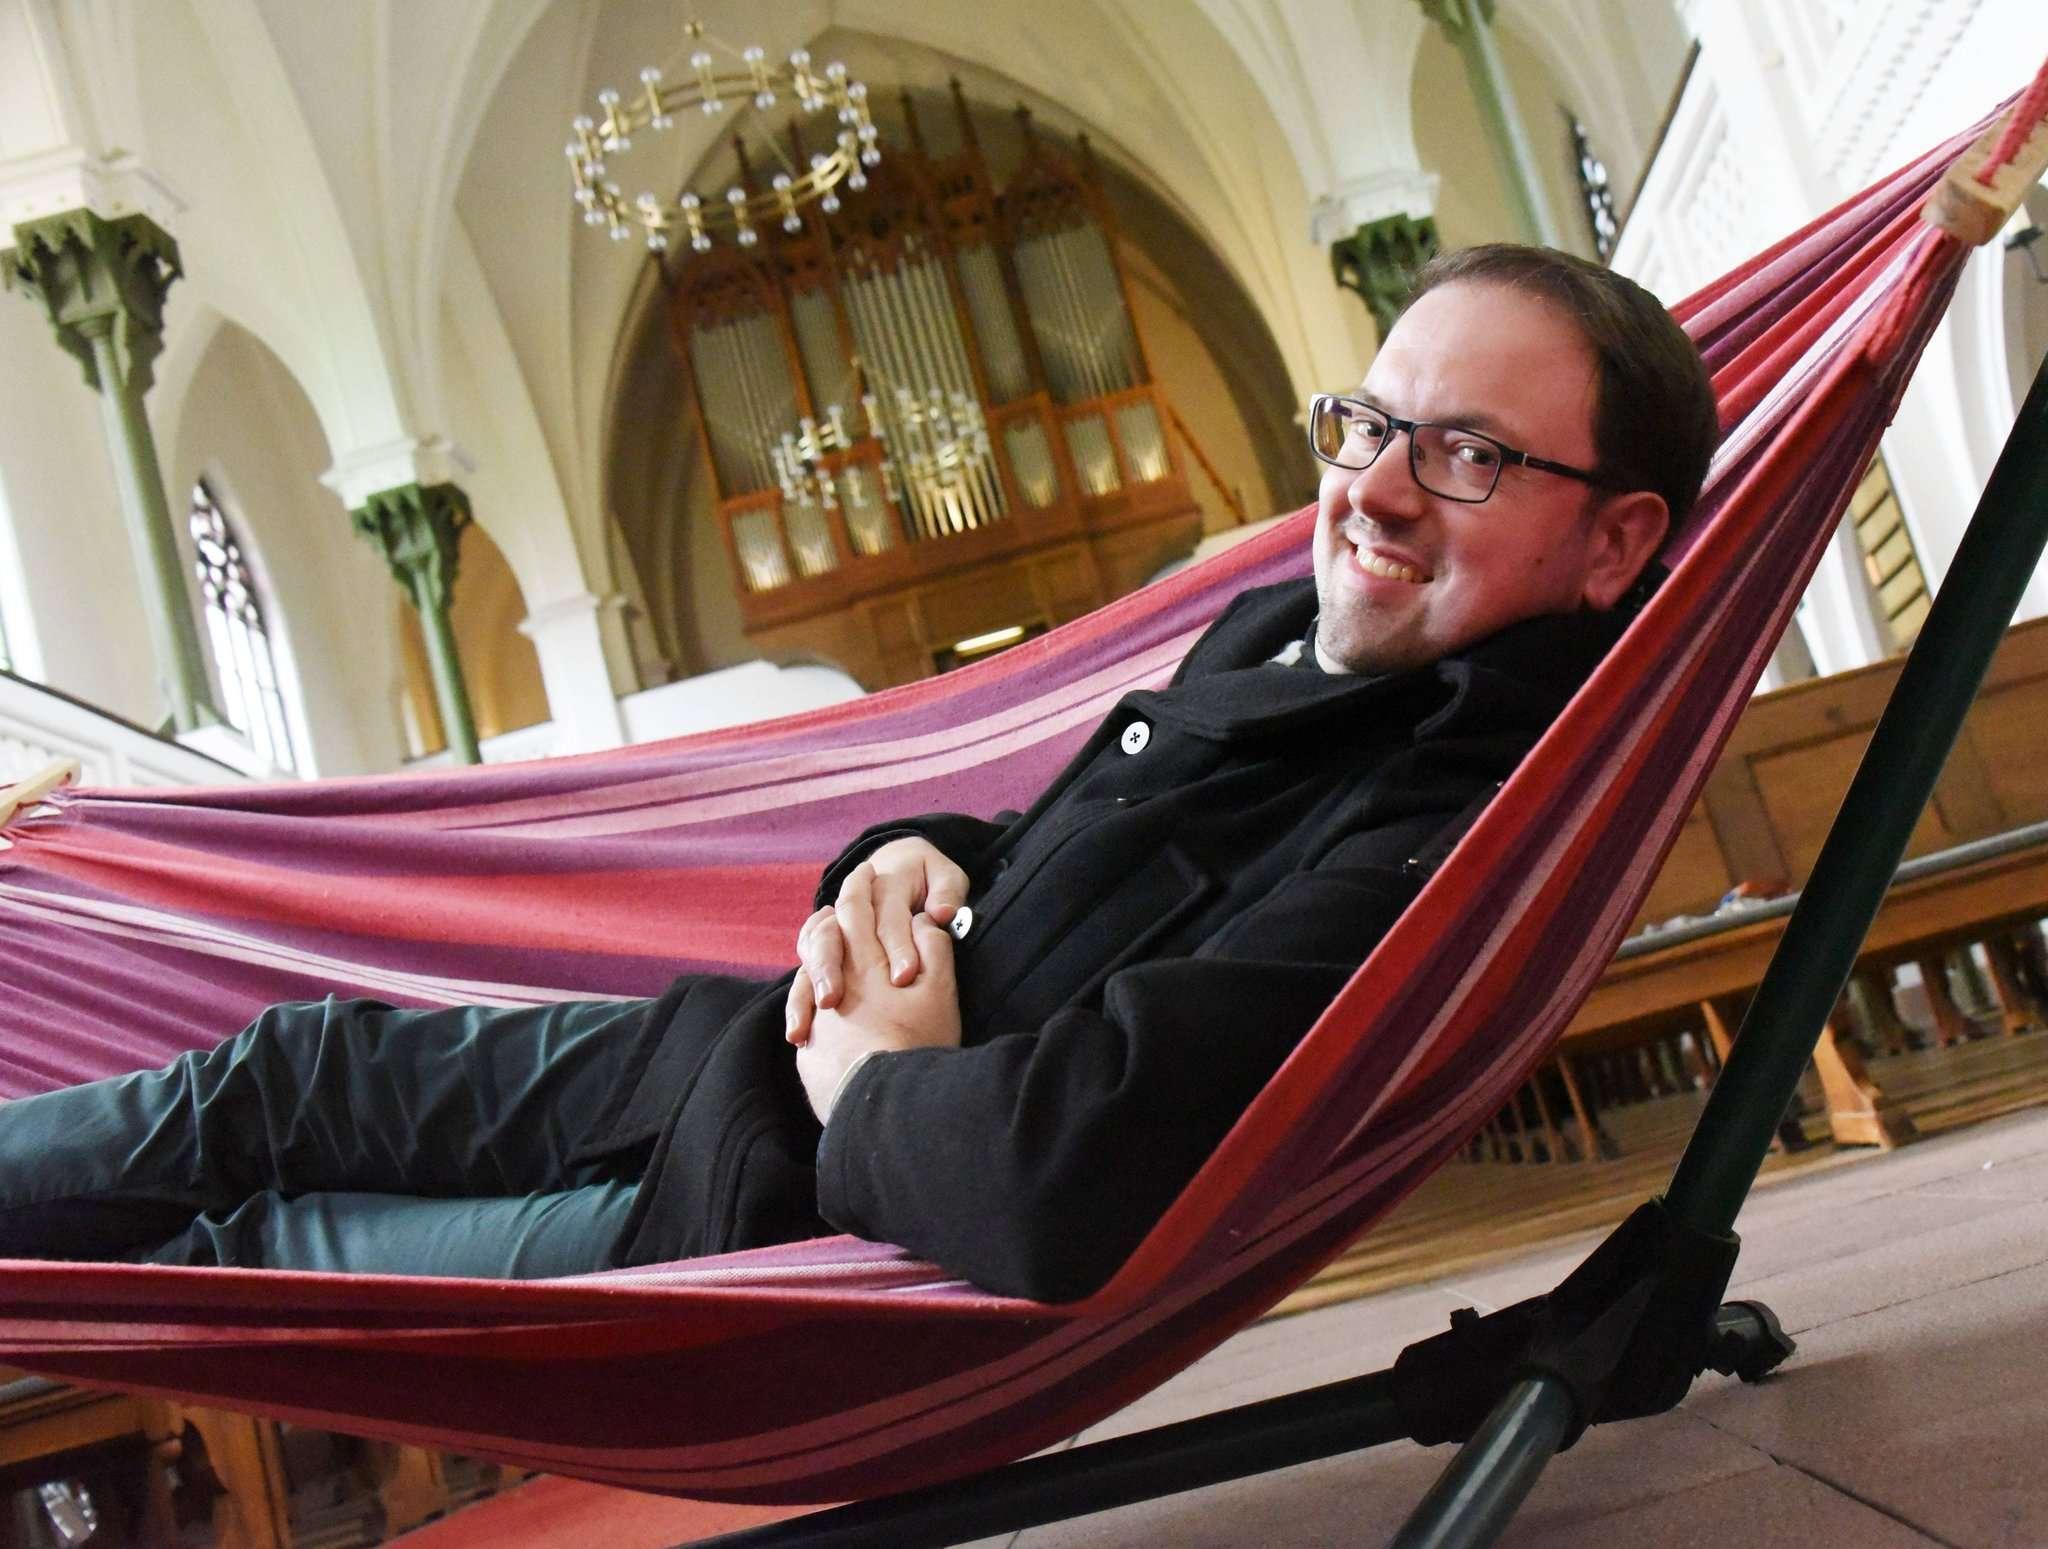 Beim Testliegen in der Hängematte: Simon Schumacher, Kantor Stadtkirche Rotenburg, freut sich auf das Orgelkonzert in der Stadtkirche.